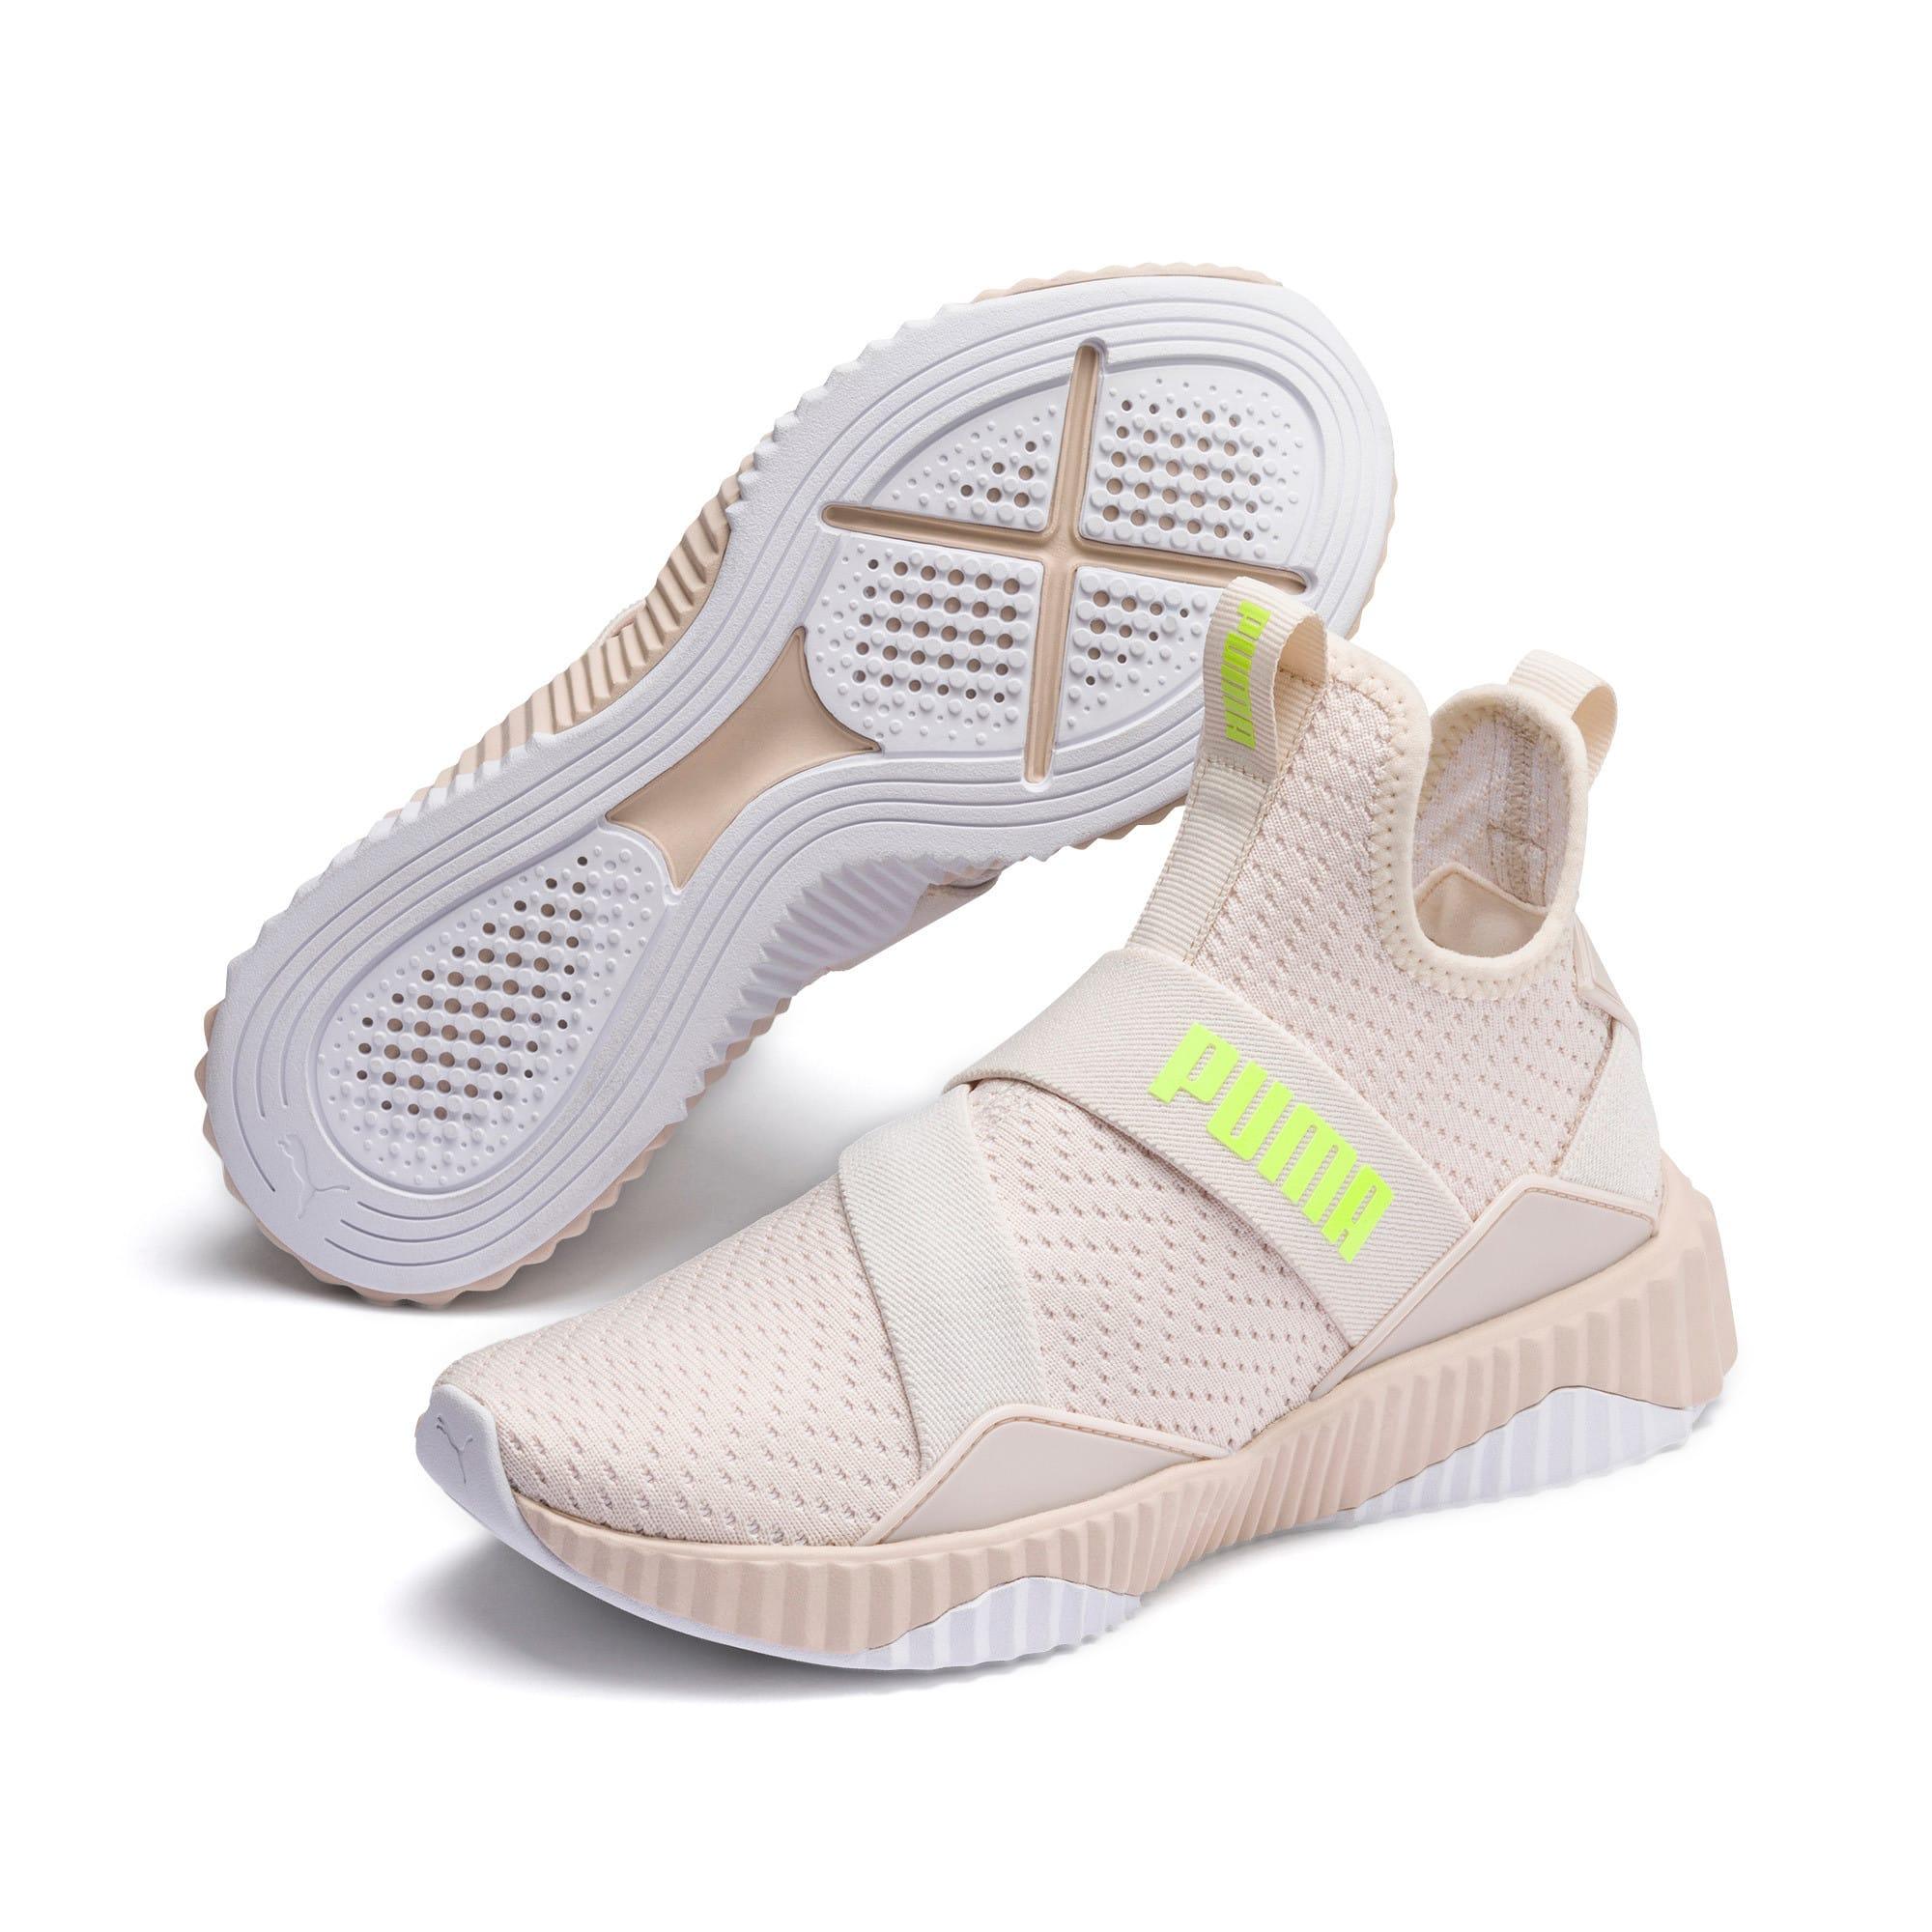 Thumbnail 3 of Defy Mid Core Women's Training Shoes, Pastel Parchment-Puma White, medium